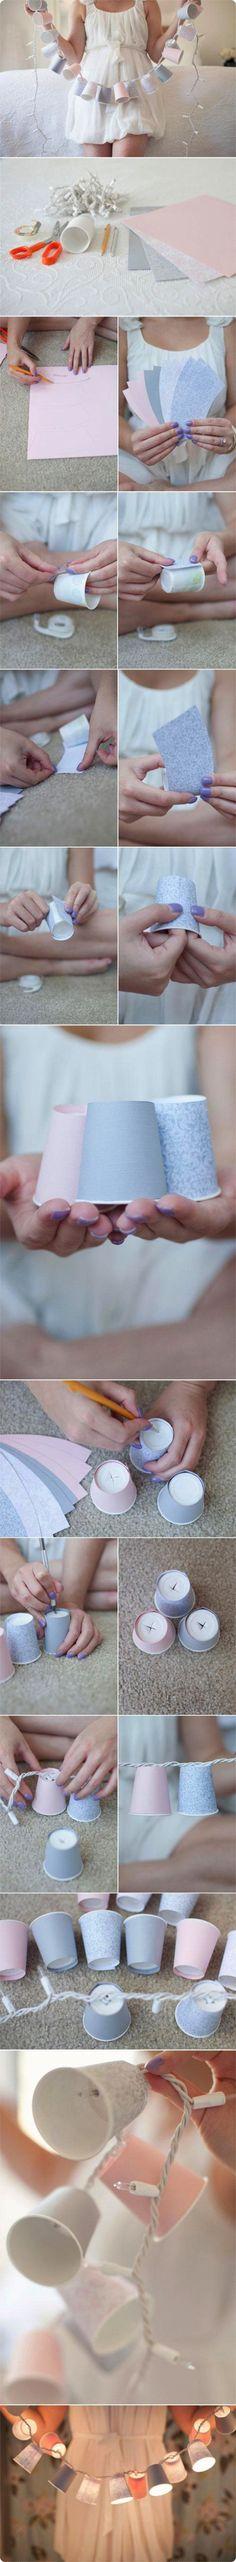 DIY / Luzinhas / Varal de Luz / Varal de Luzinhas / Ideia para casamento / Faça você mesmo / Luzinhas de LED